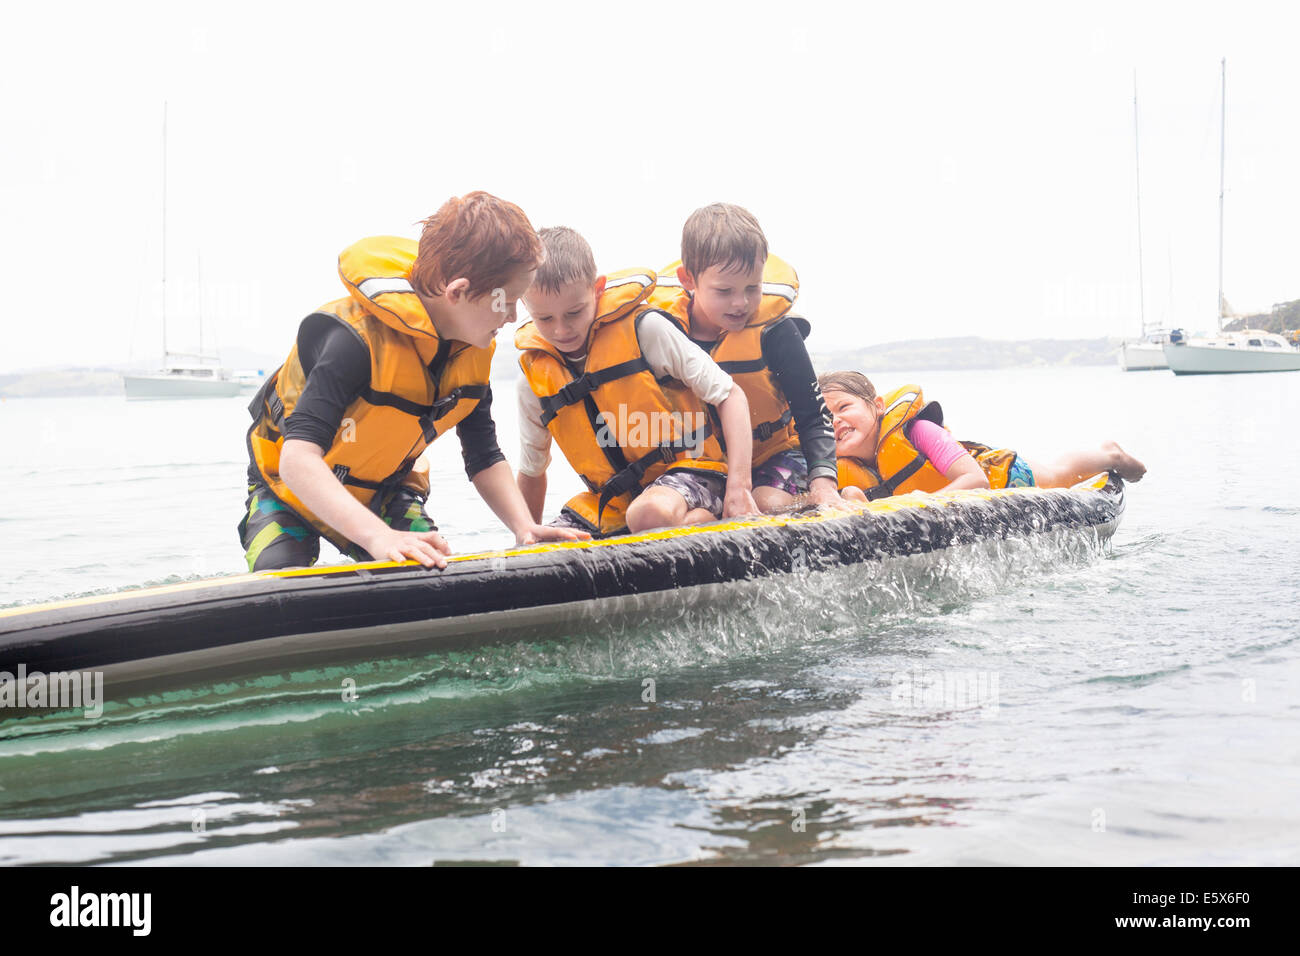 Fratelli e sorelle che sta per cadere da paddleboard in mare Immagini Stock